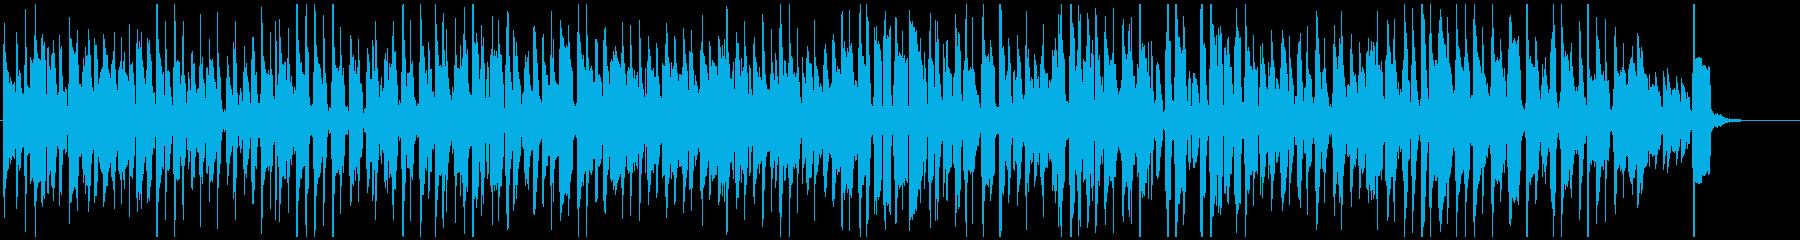 レトロジャズ、ジプシースイング※60秒版の再生済みの波形